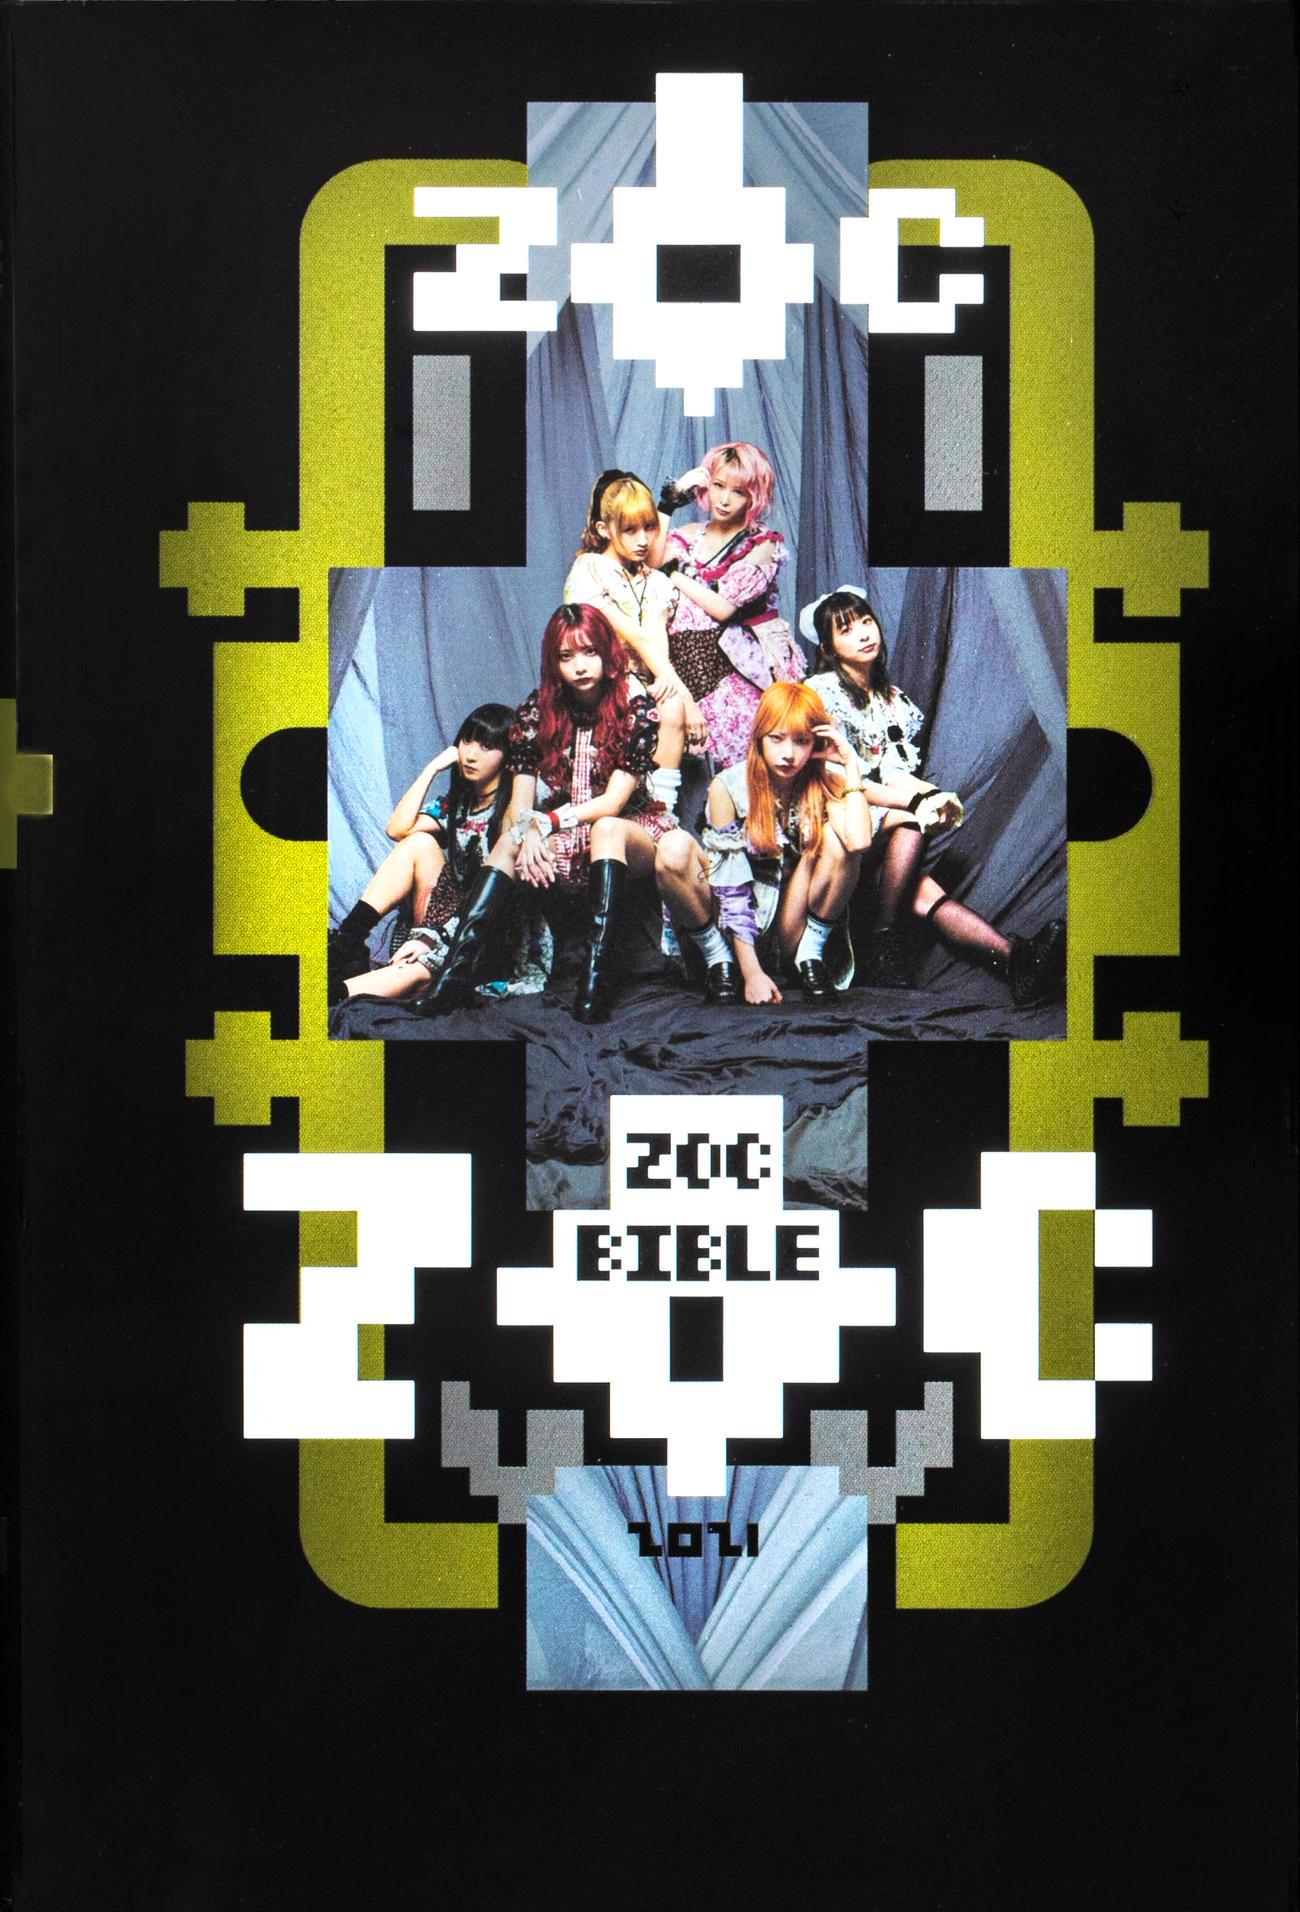 公式ファンブック「ZOC BIBLE」発売記念オンライン本お渡し会&オンライン囲み取材を行ったアイドルグループ「ZOC」